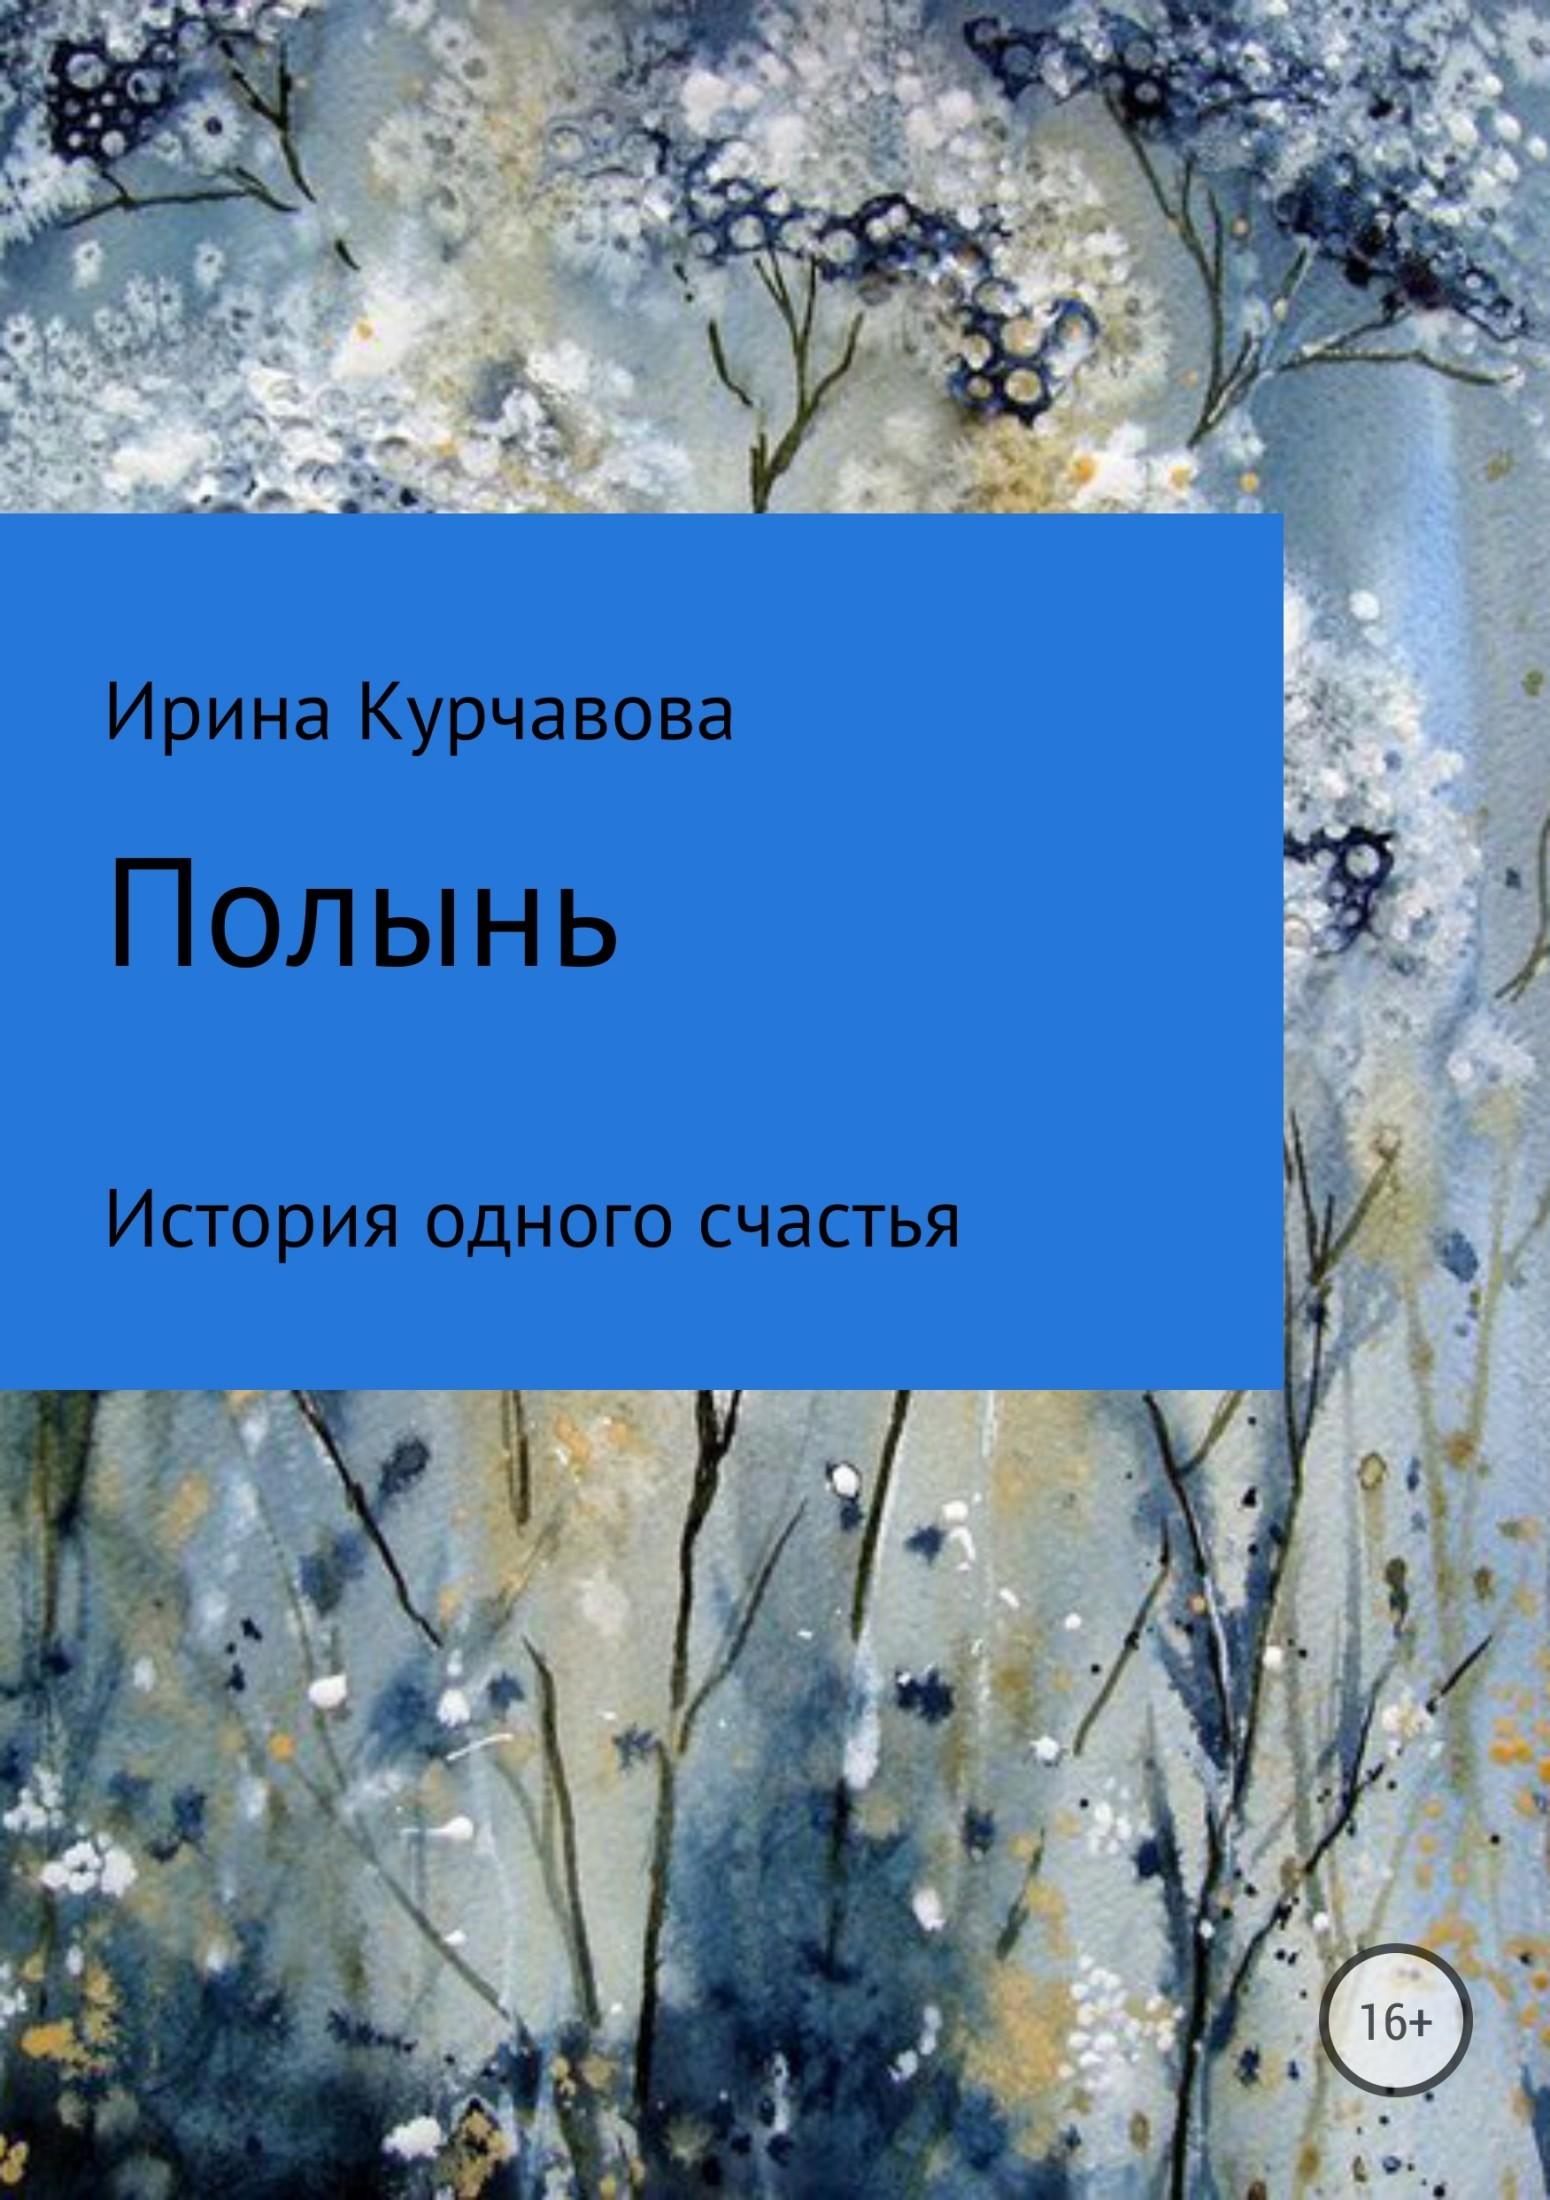 Ирина Курчавова «Полынь»